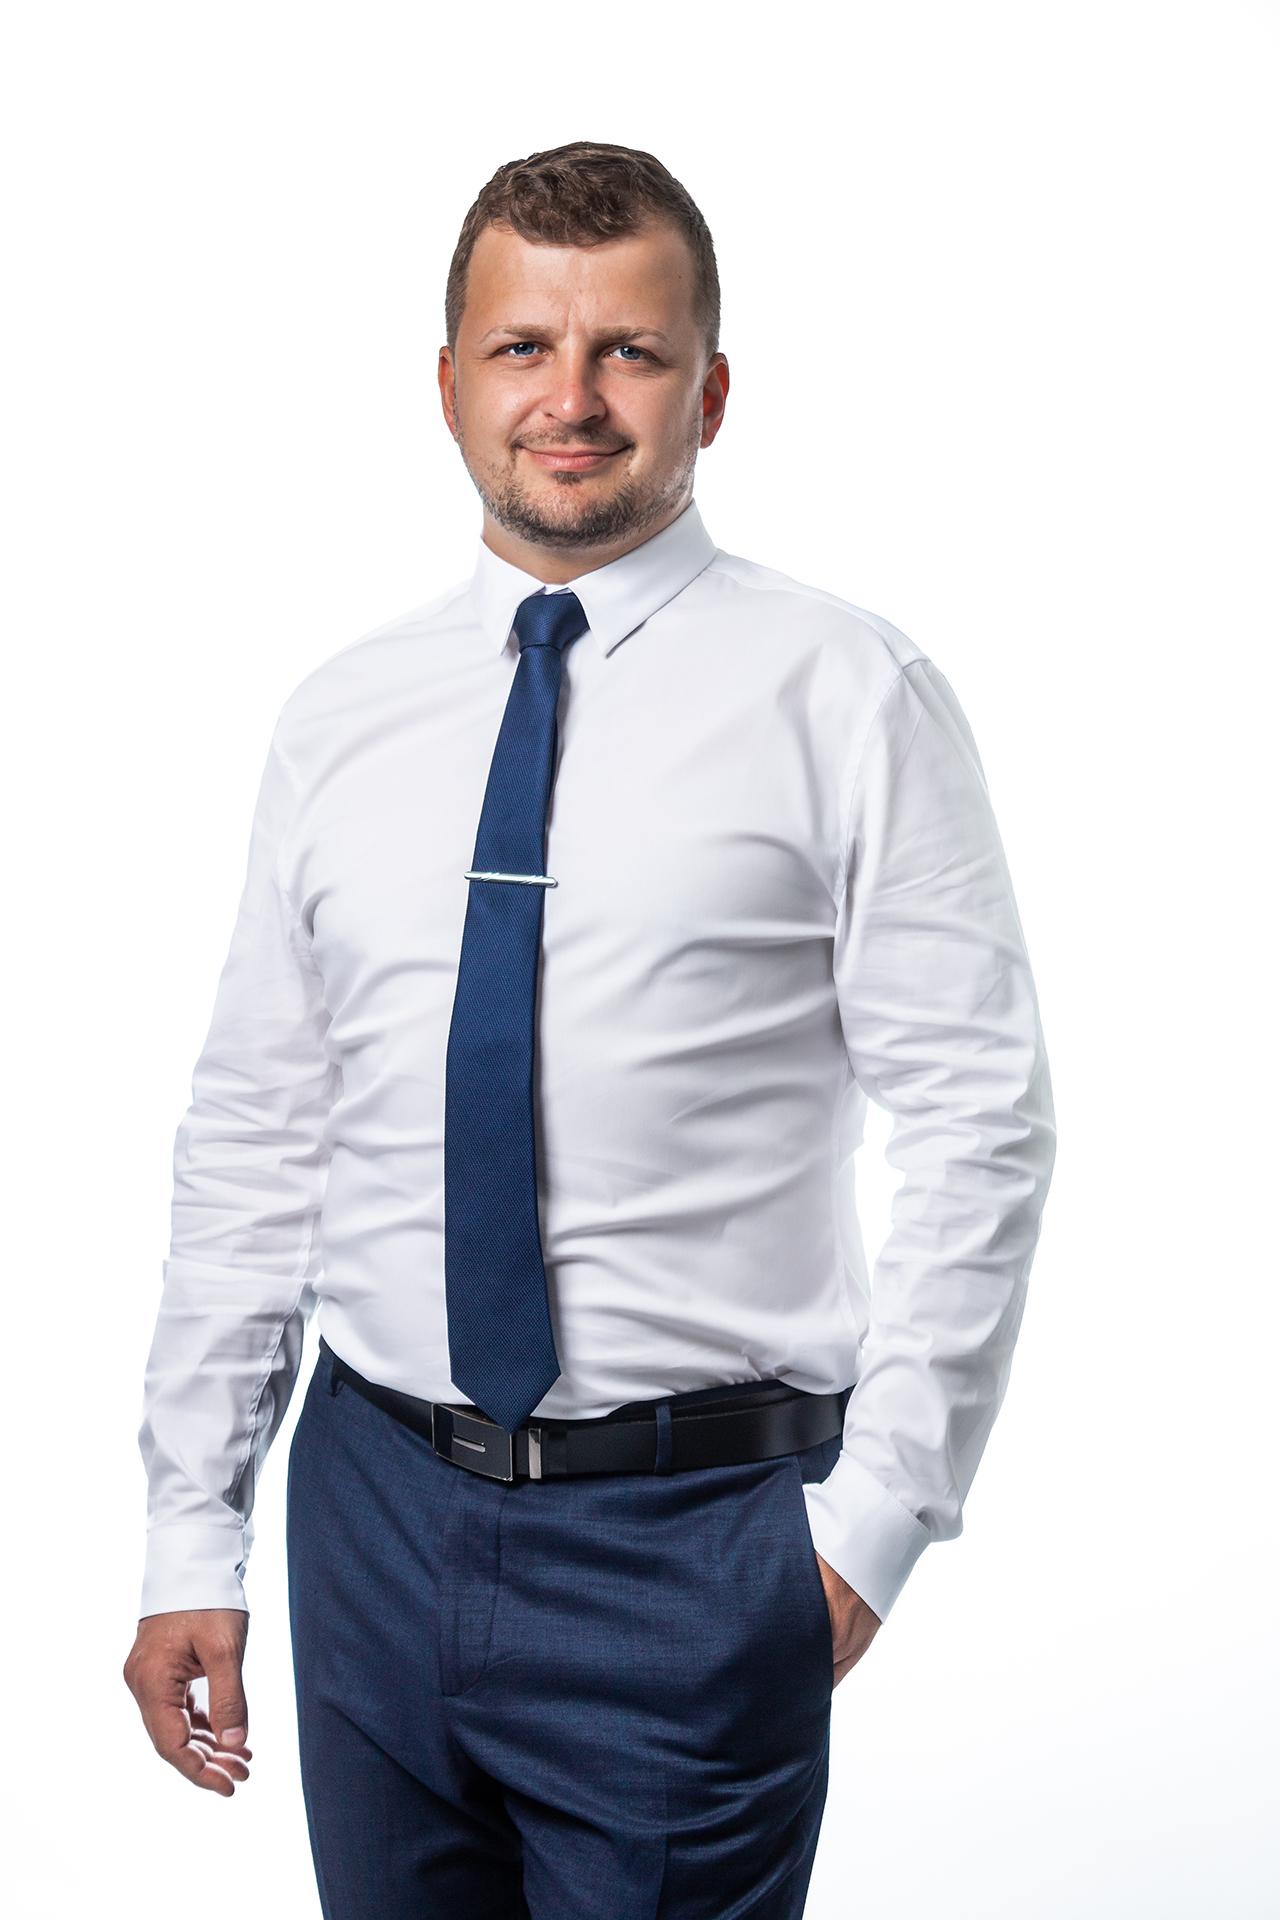 Zdeněk Mrňák